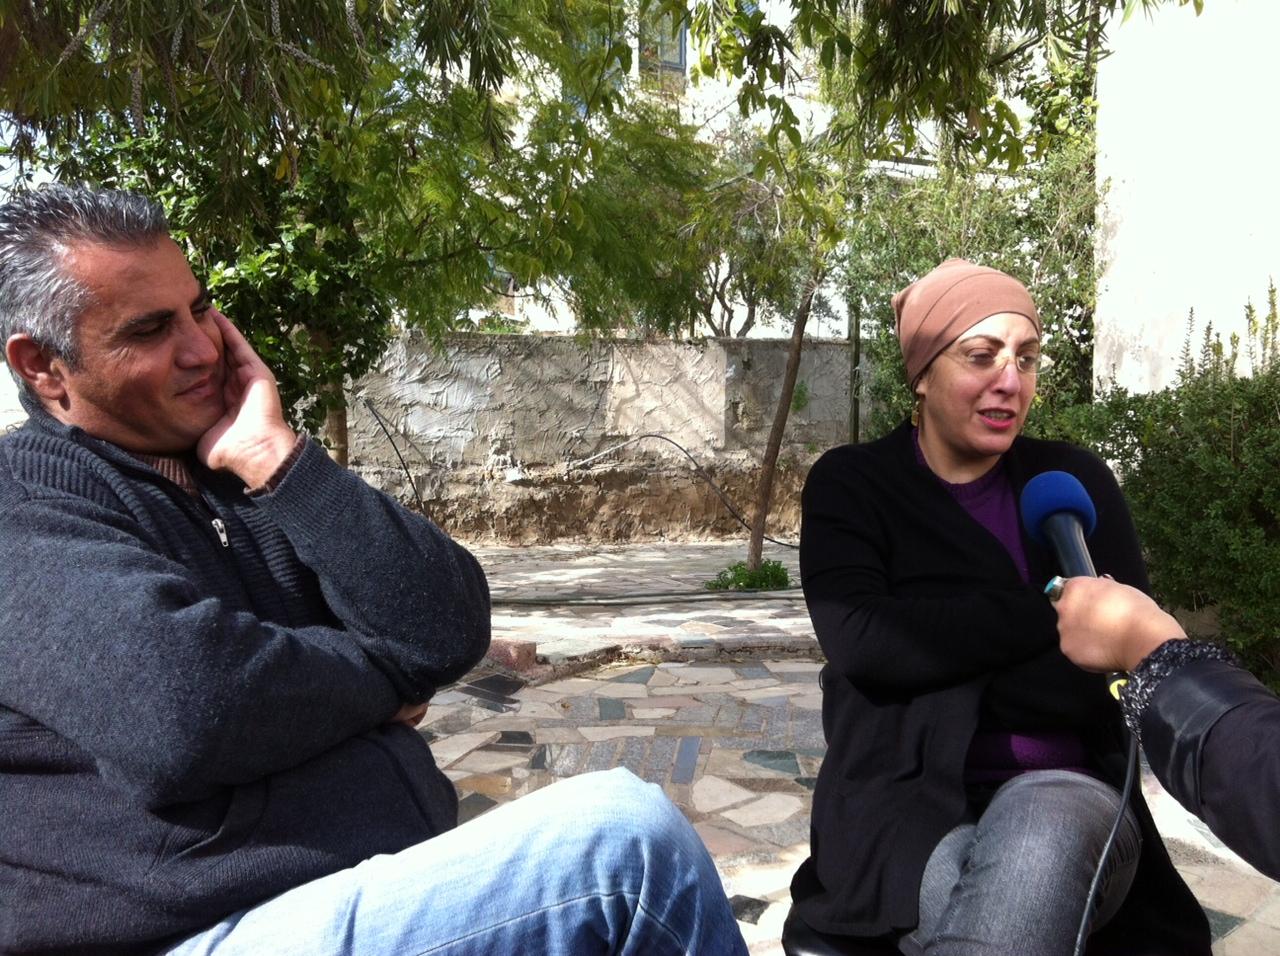 Emad Burnat et sa femme dans leur jardin de Bilin - février 2013 www.merblanche.com all rights reserved